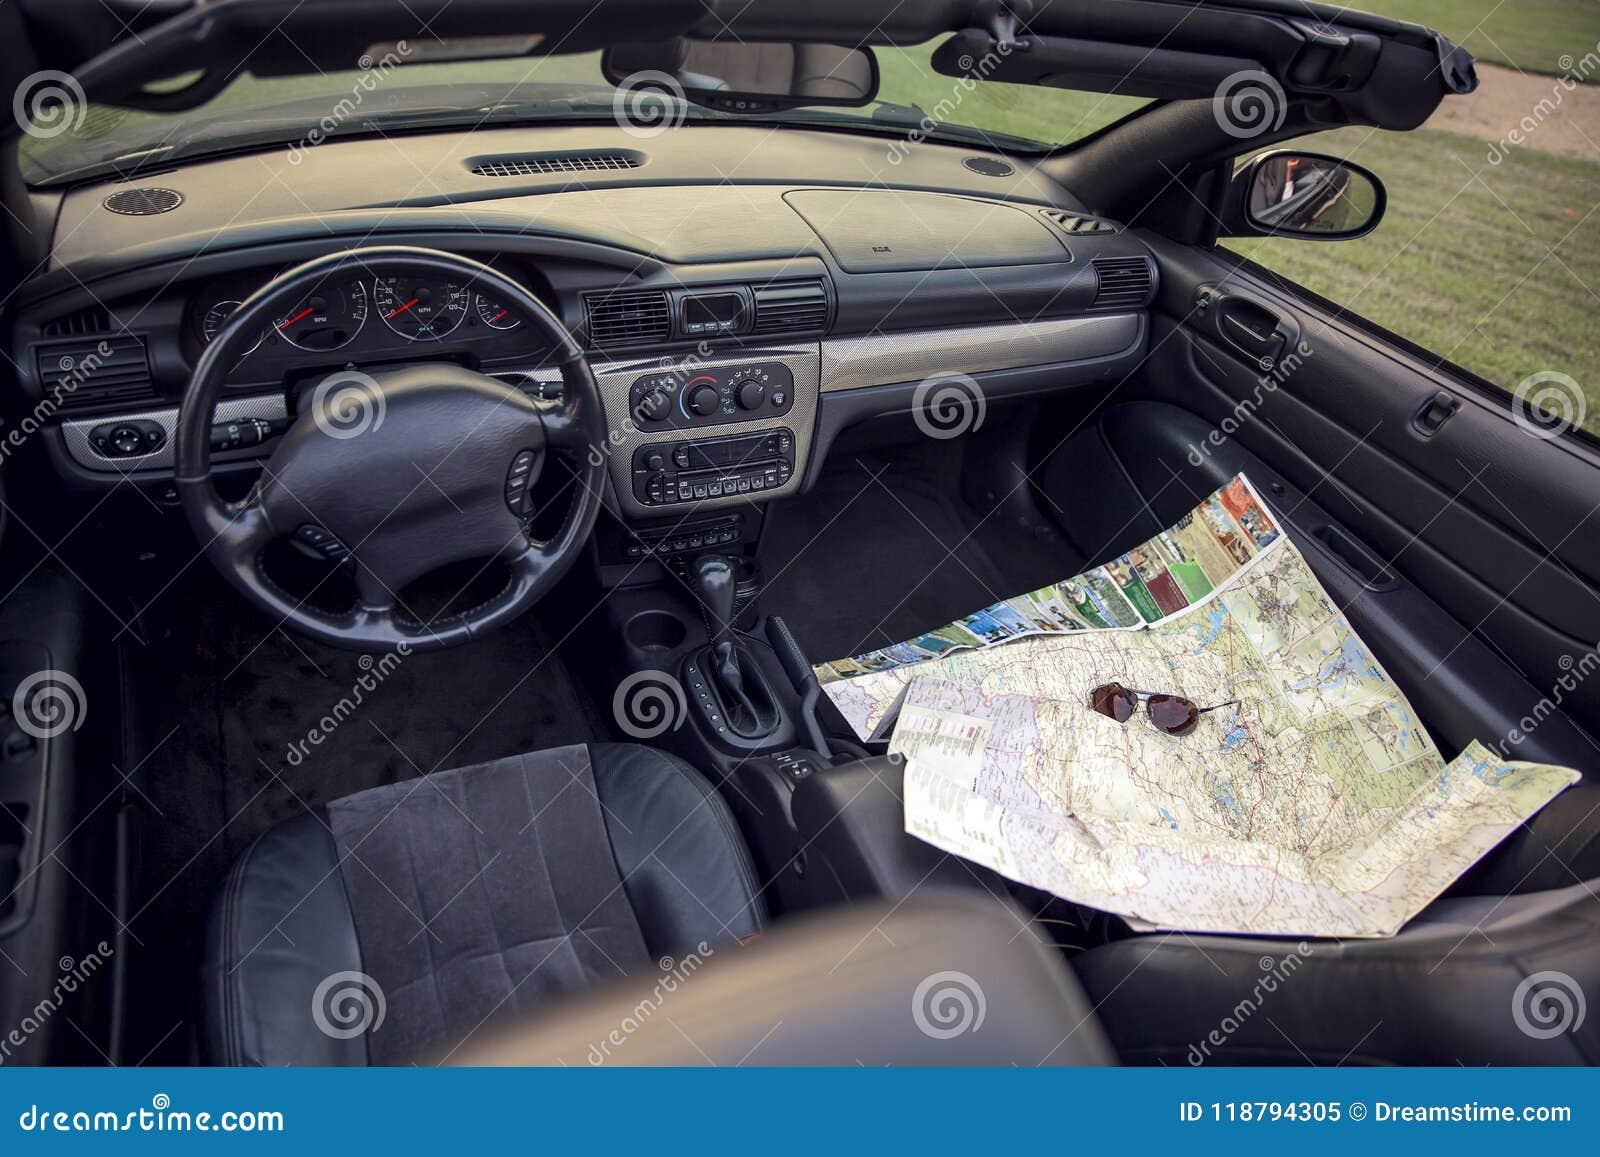 Vista do interior de um carro em um painel com um mapa de estradas e vidros Tema do curso